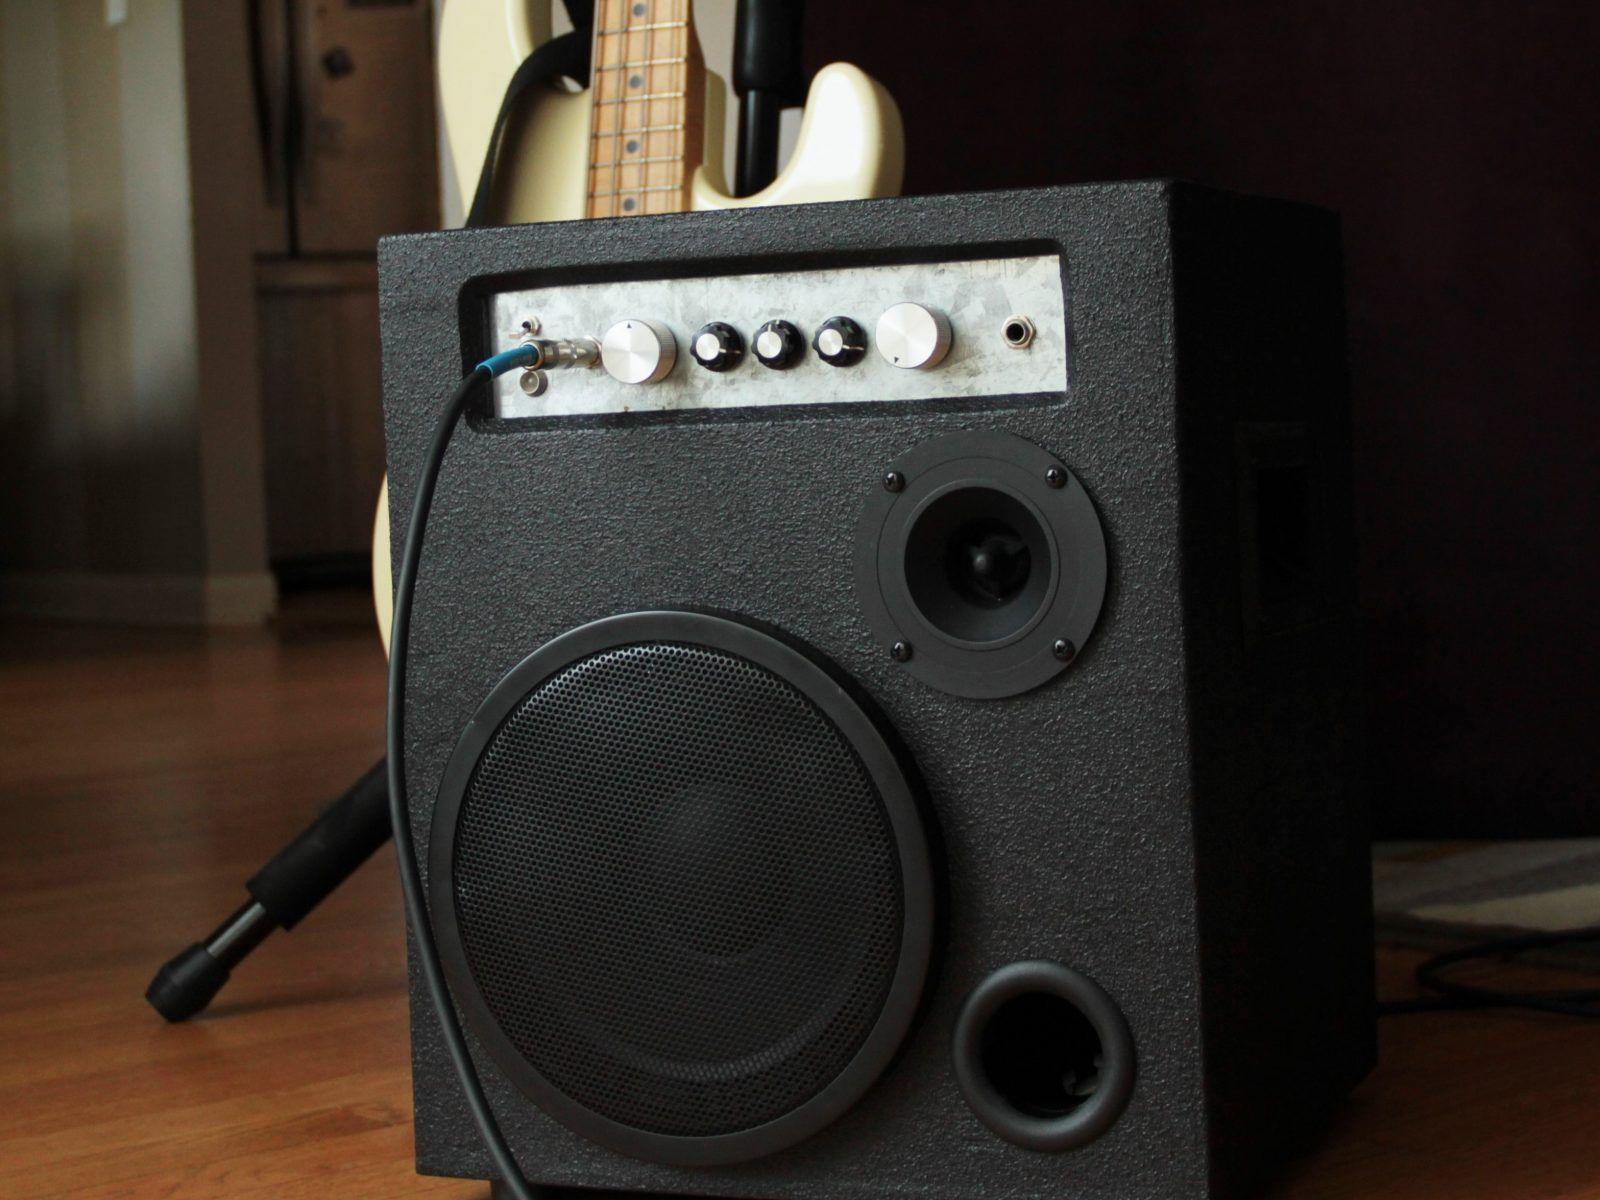 Diy bass amp ppa100 the world of wogg bass amps bass